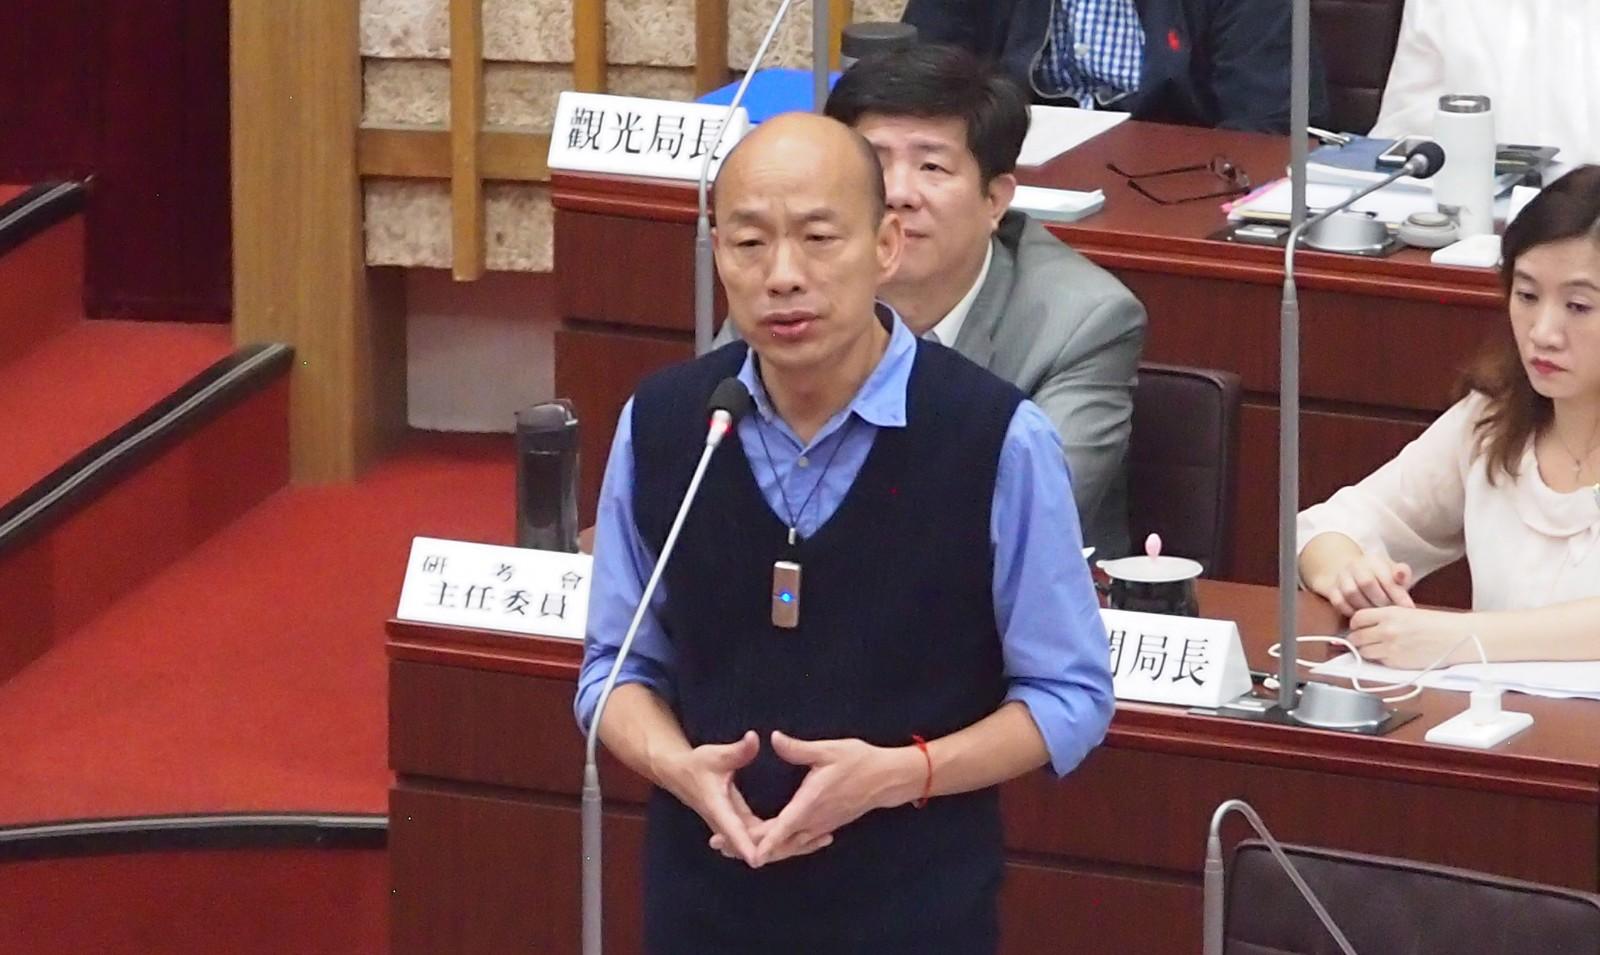 爭取味全龍落腳高雄 韓國瑜議會答詢說這4個字